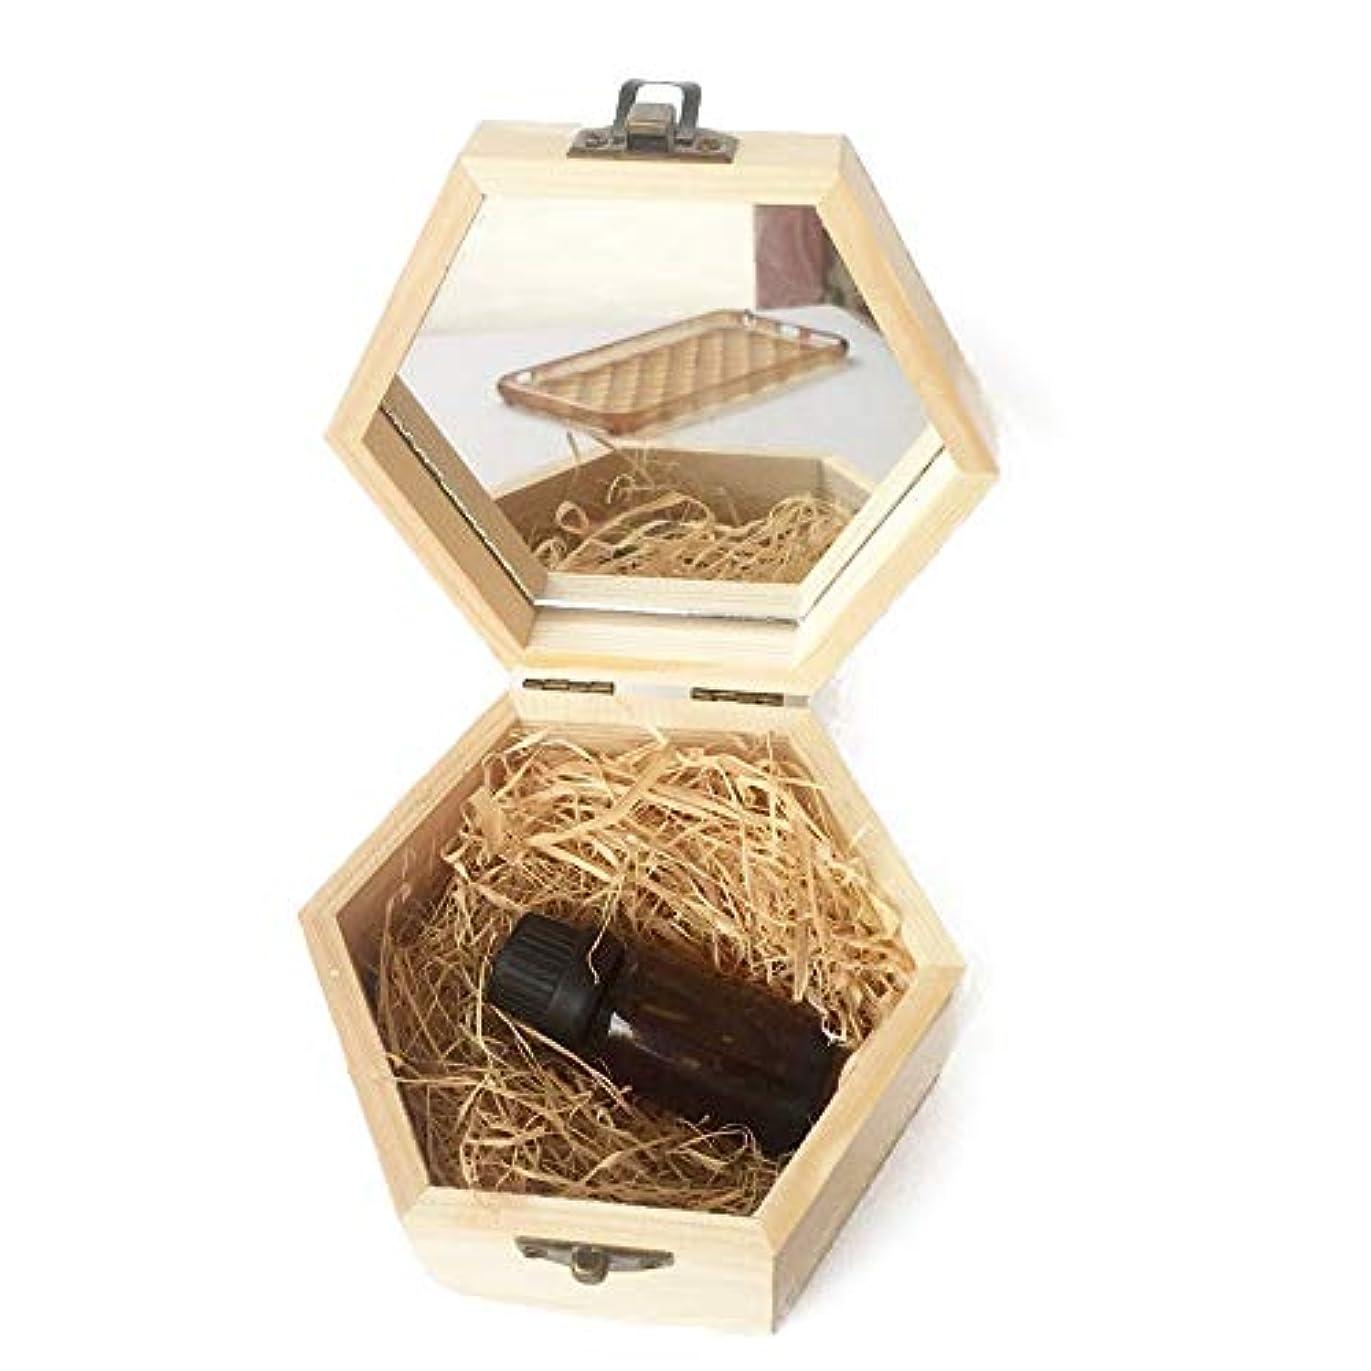 中絶漏斗交通アロマセラピーのエッセンシャルオイル木箱の品質収納ケース アロマセラピー製品 (色 : Natural, サイズ : 13X11.3X6.8CM)